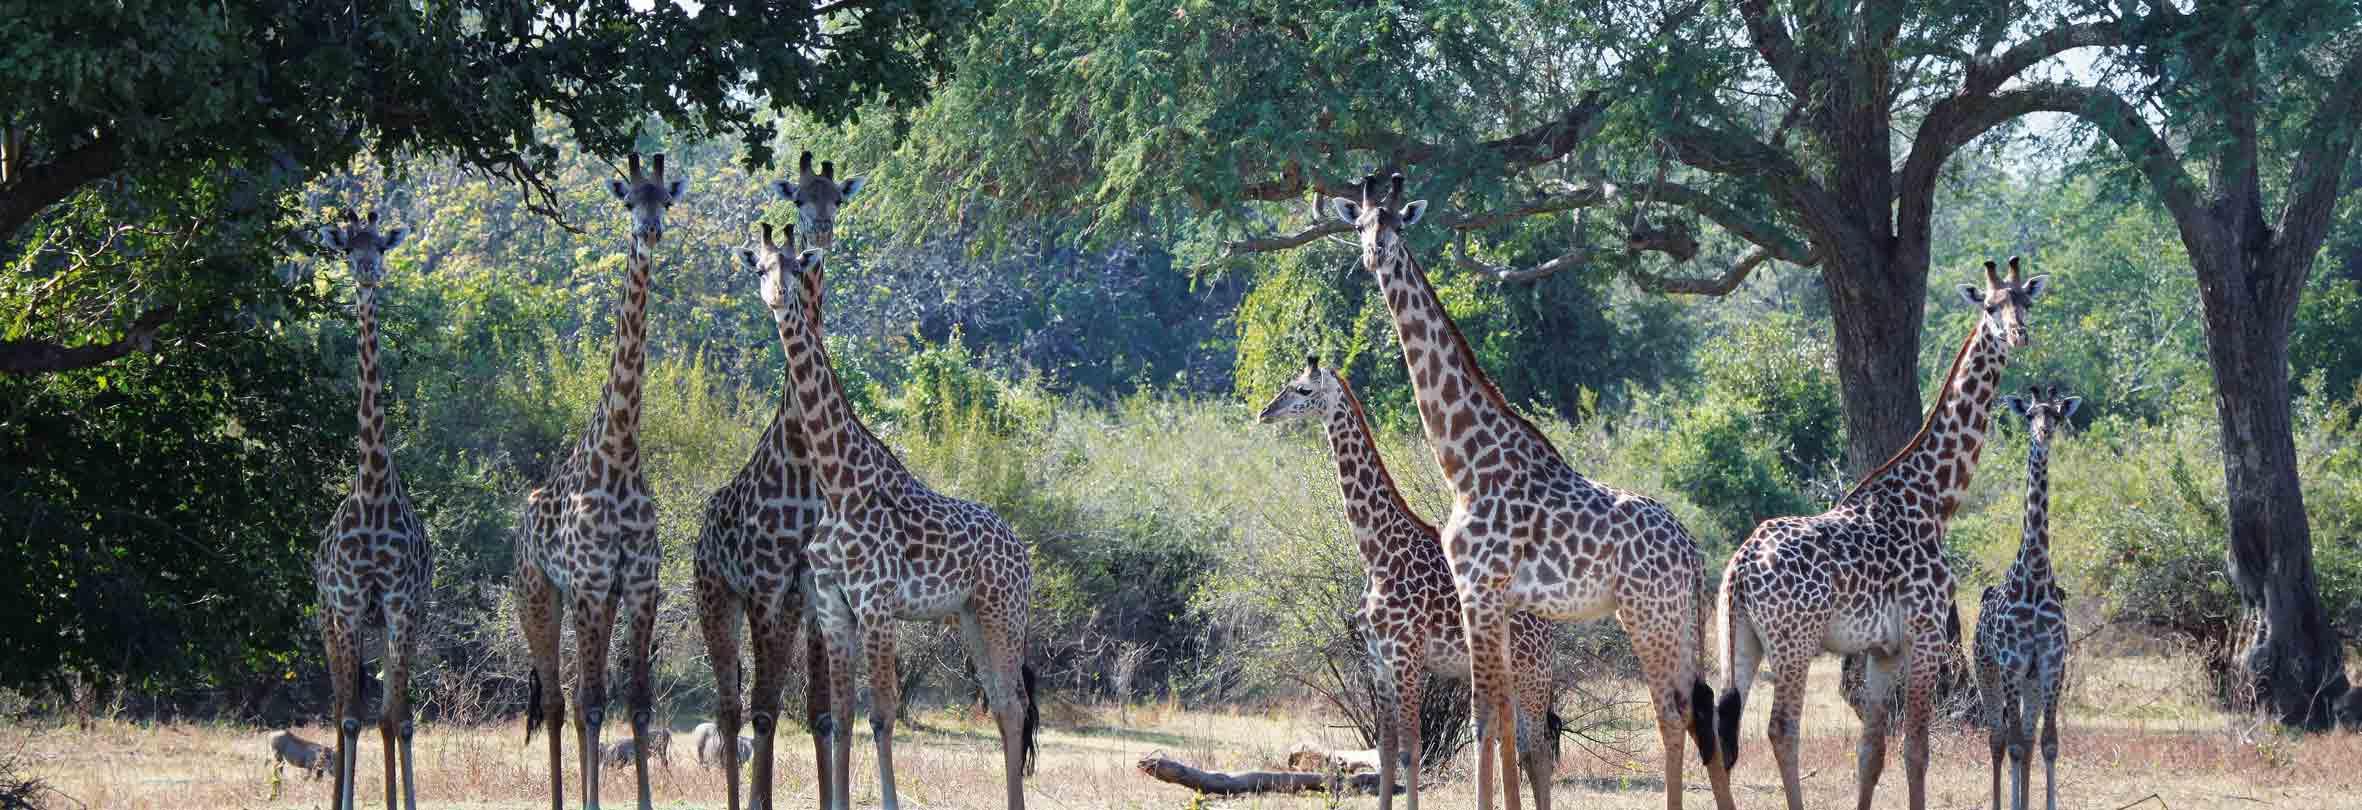 Giraffen, gesichtet auf einer Walking Safari